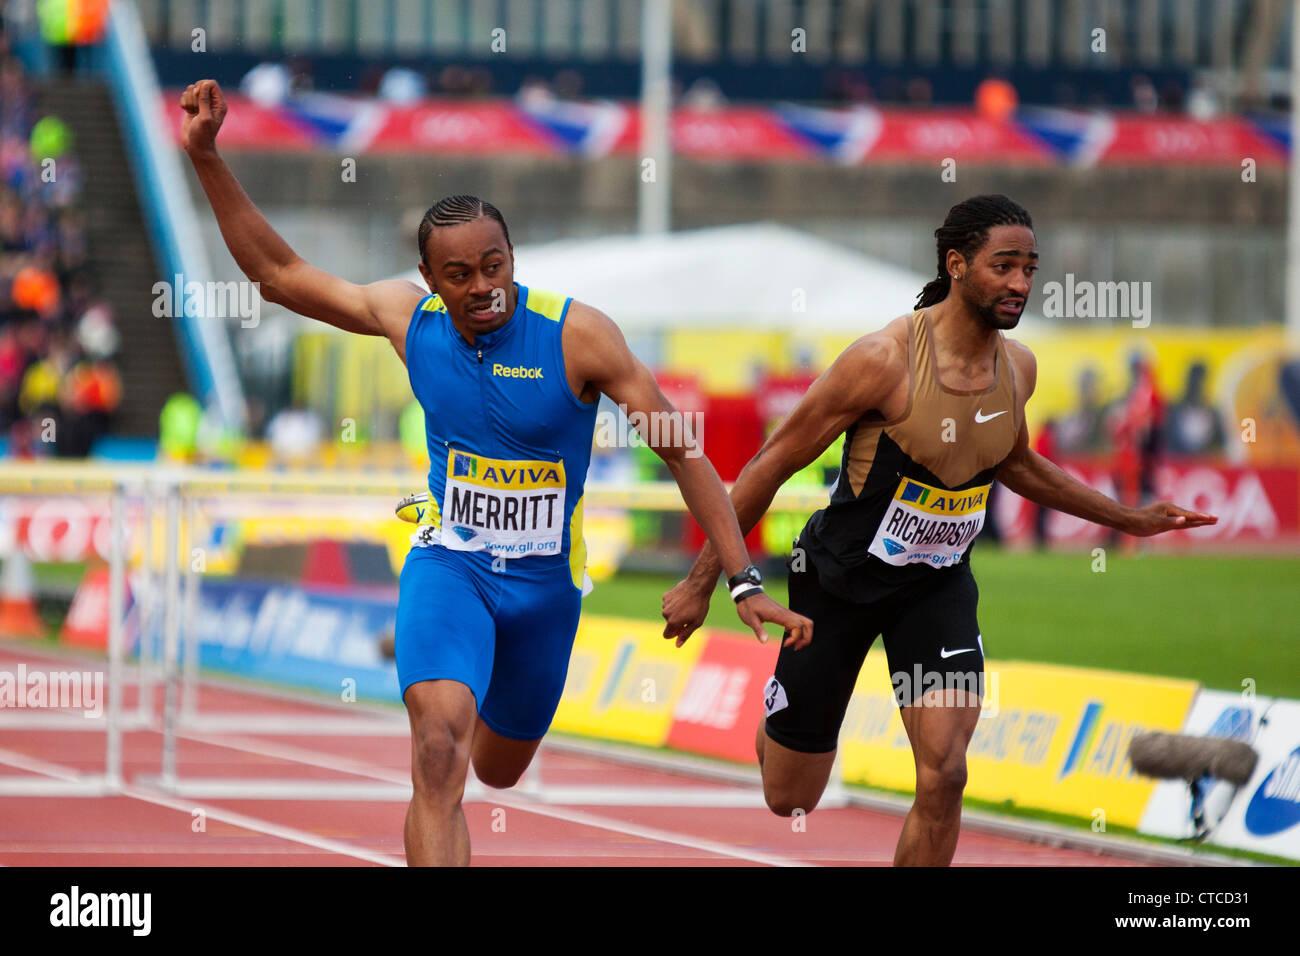 Aries MERRITT & Jason RICHARDSON Men s 110m Hurdles Final AVIVA